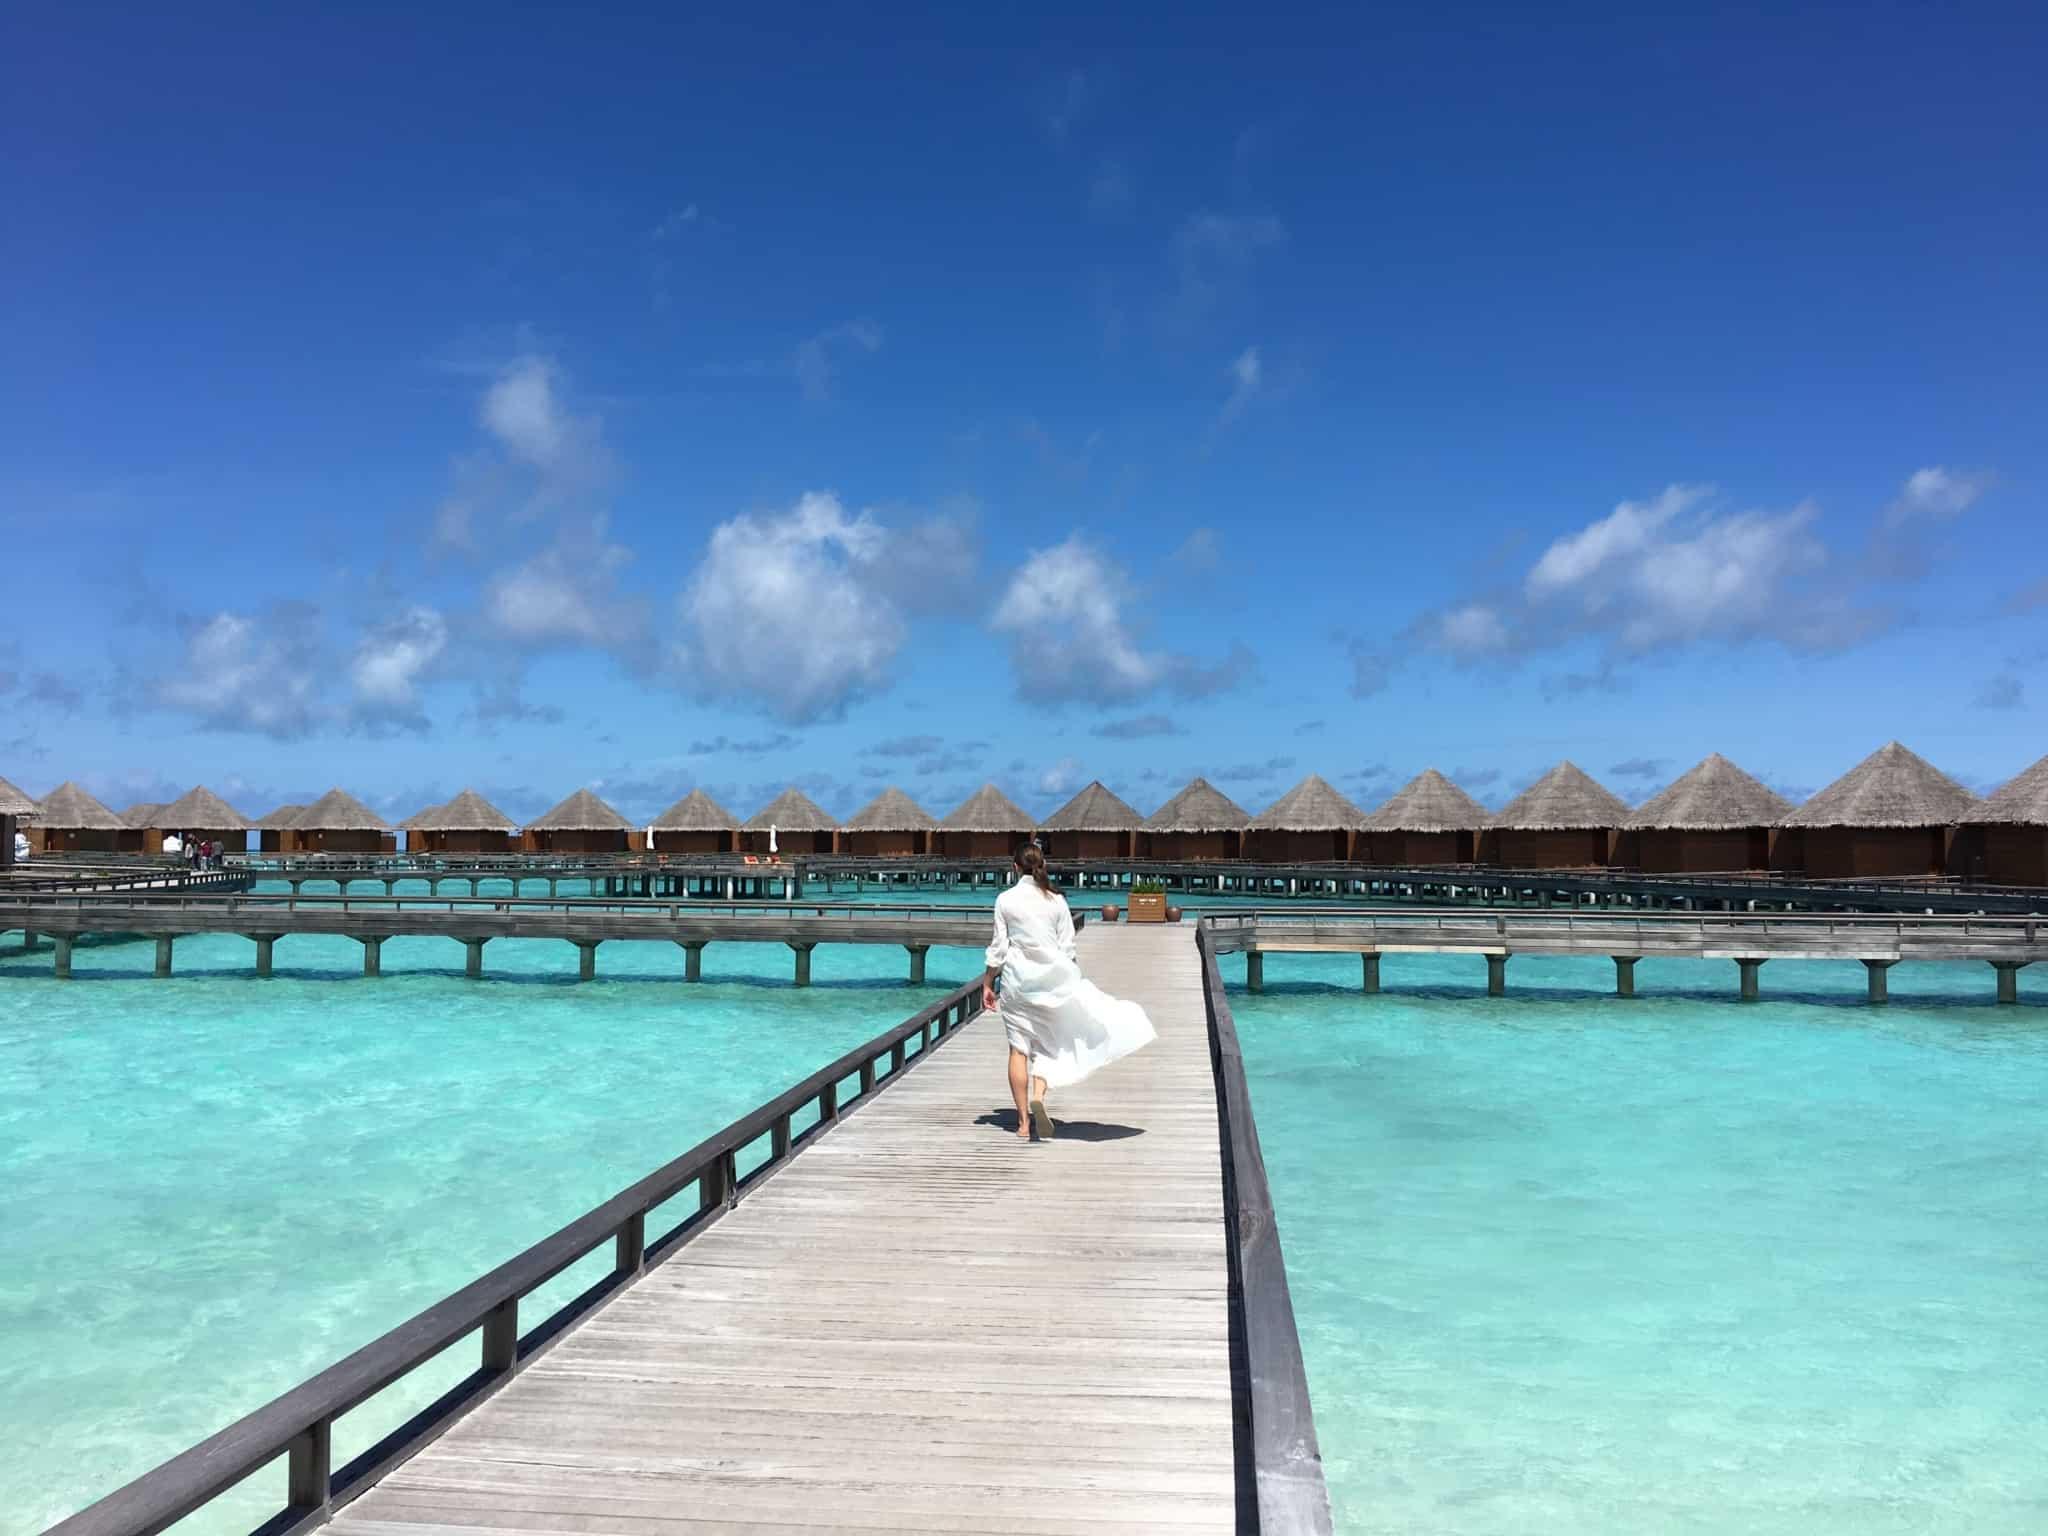 passeio de estacas de madeira em cima de praia das maldivas